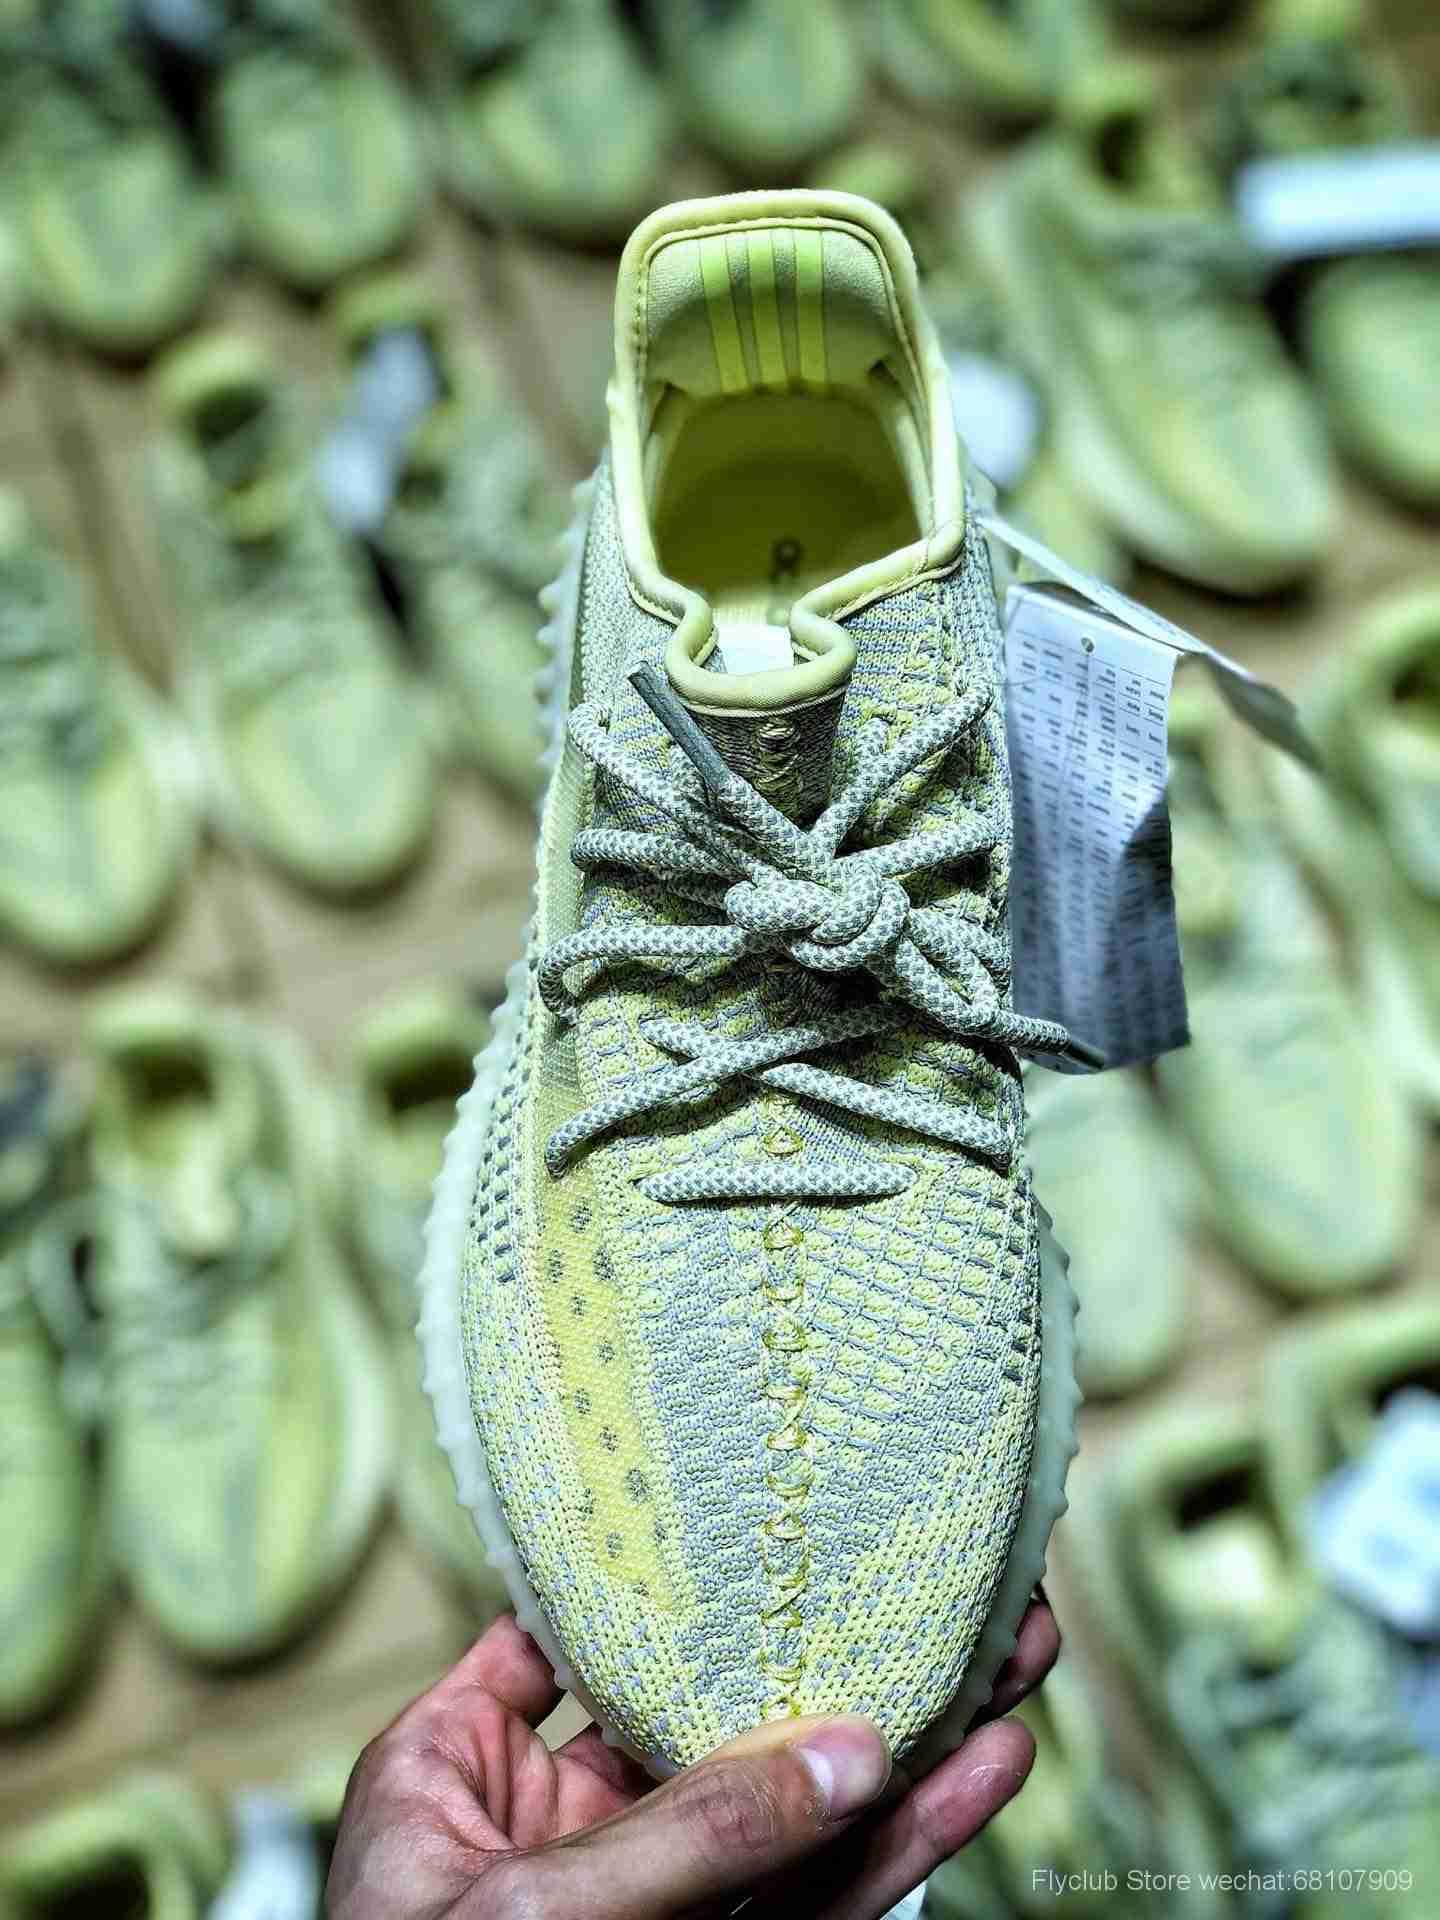 【过验版】 Adidas Yeezy 350V2 Boost 'Antila Reflective' 丁黄脏黄天使 独家亲测毒 APP鉴定